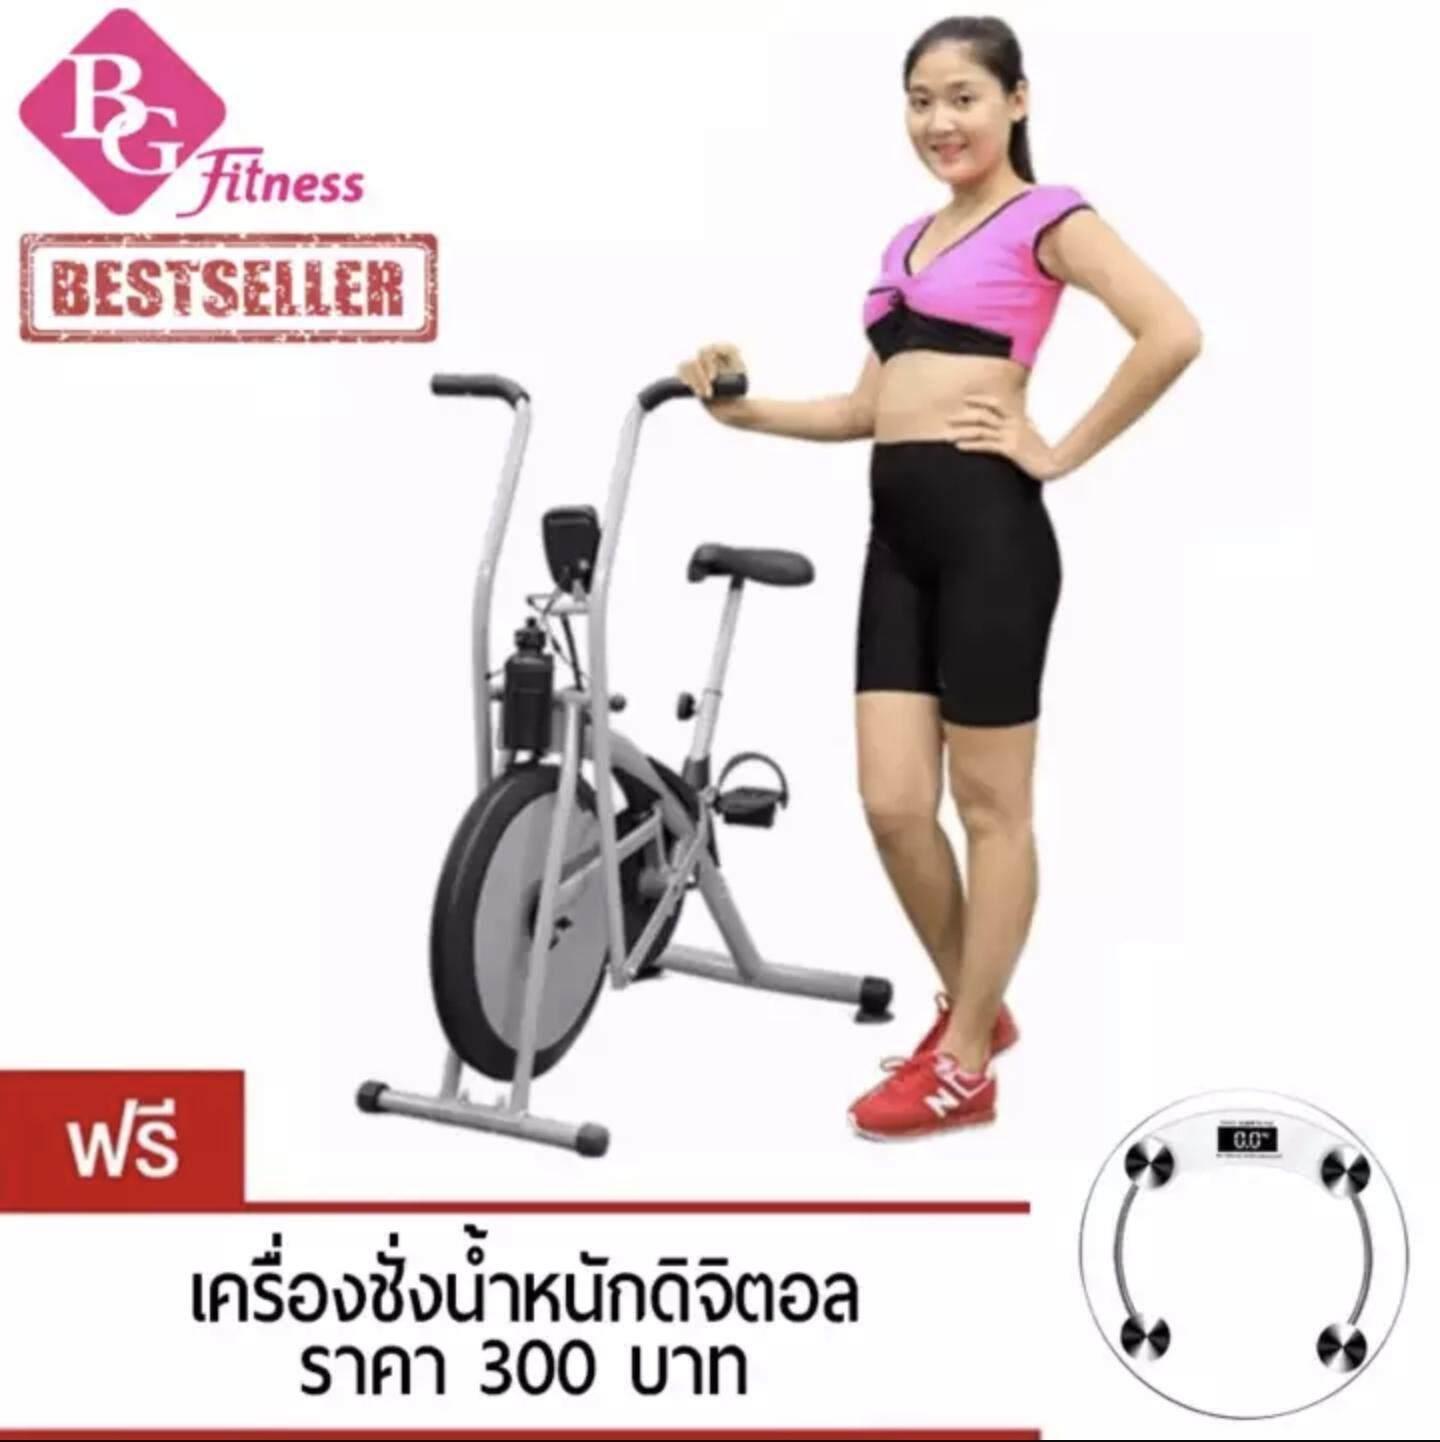 B&G Fitness จักรยานนั่งปั่นออกกำลังกาย จักรยานบริหาร Air Bike รุ่น BG8701 ฟรี เครื่องชั่งน้ำหนัก (Glass) รุ่น 2003A ( จักรยานออกกำลังกาย เครื่องออกกำลังกาย ออกกำลังกาย อุปกรณ์ออกกำลังกาย )